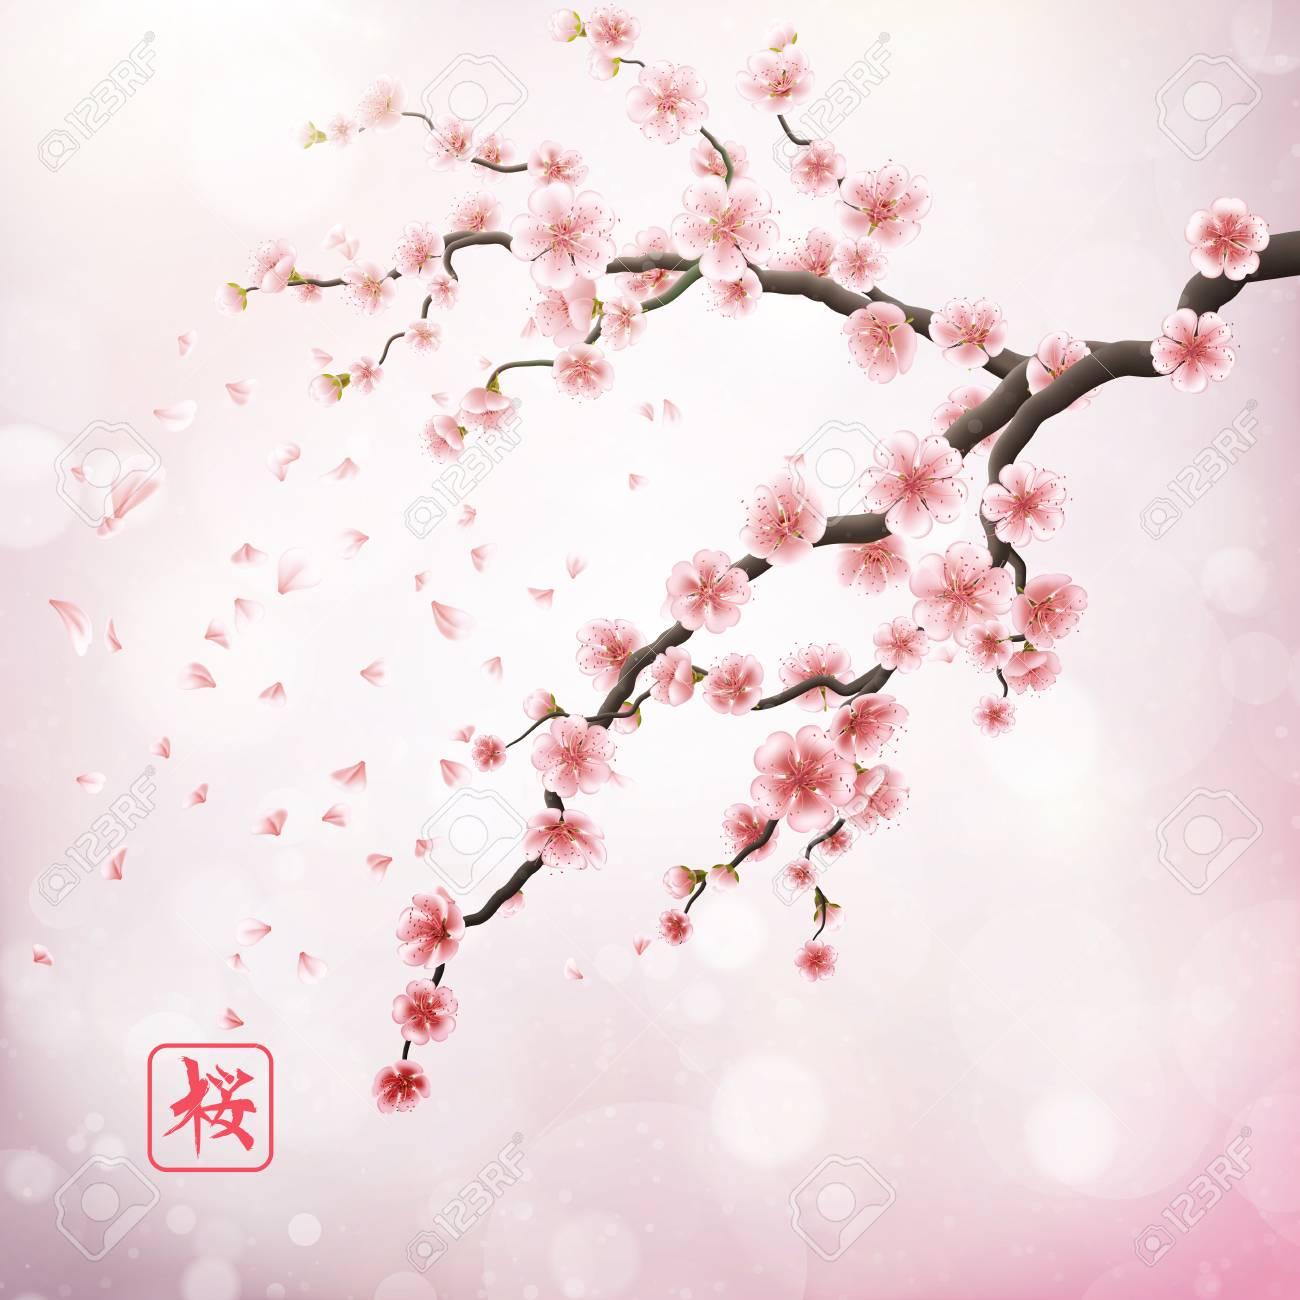 Realiste Branche De Cerisier Du Japon Eps 10 Clip Art Libres De Droits Vecteurs Et Illustration Image 69809151